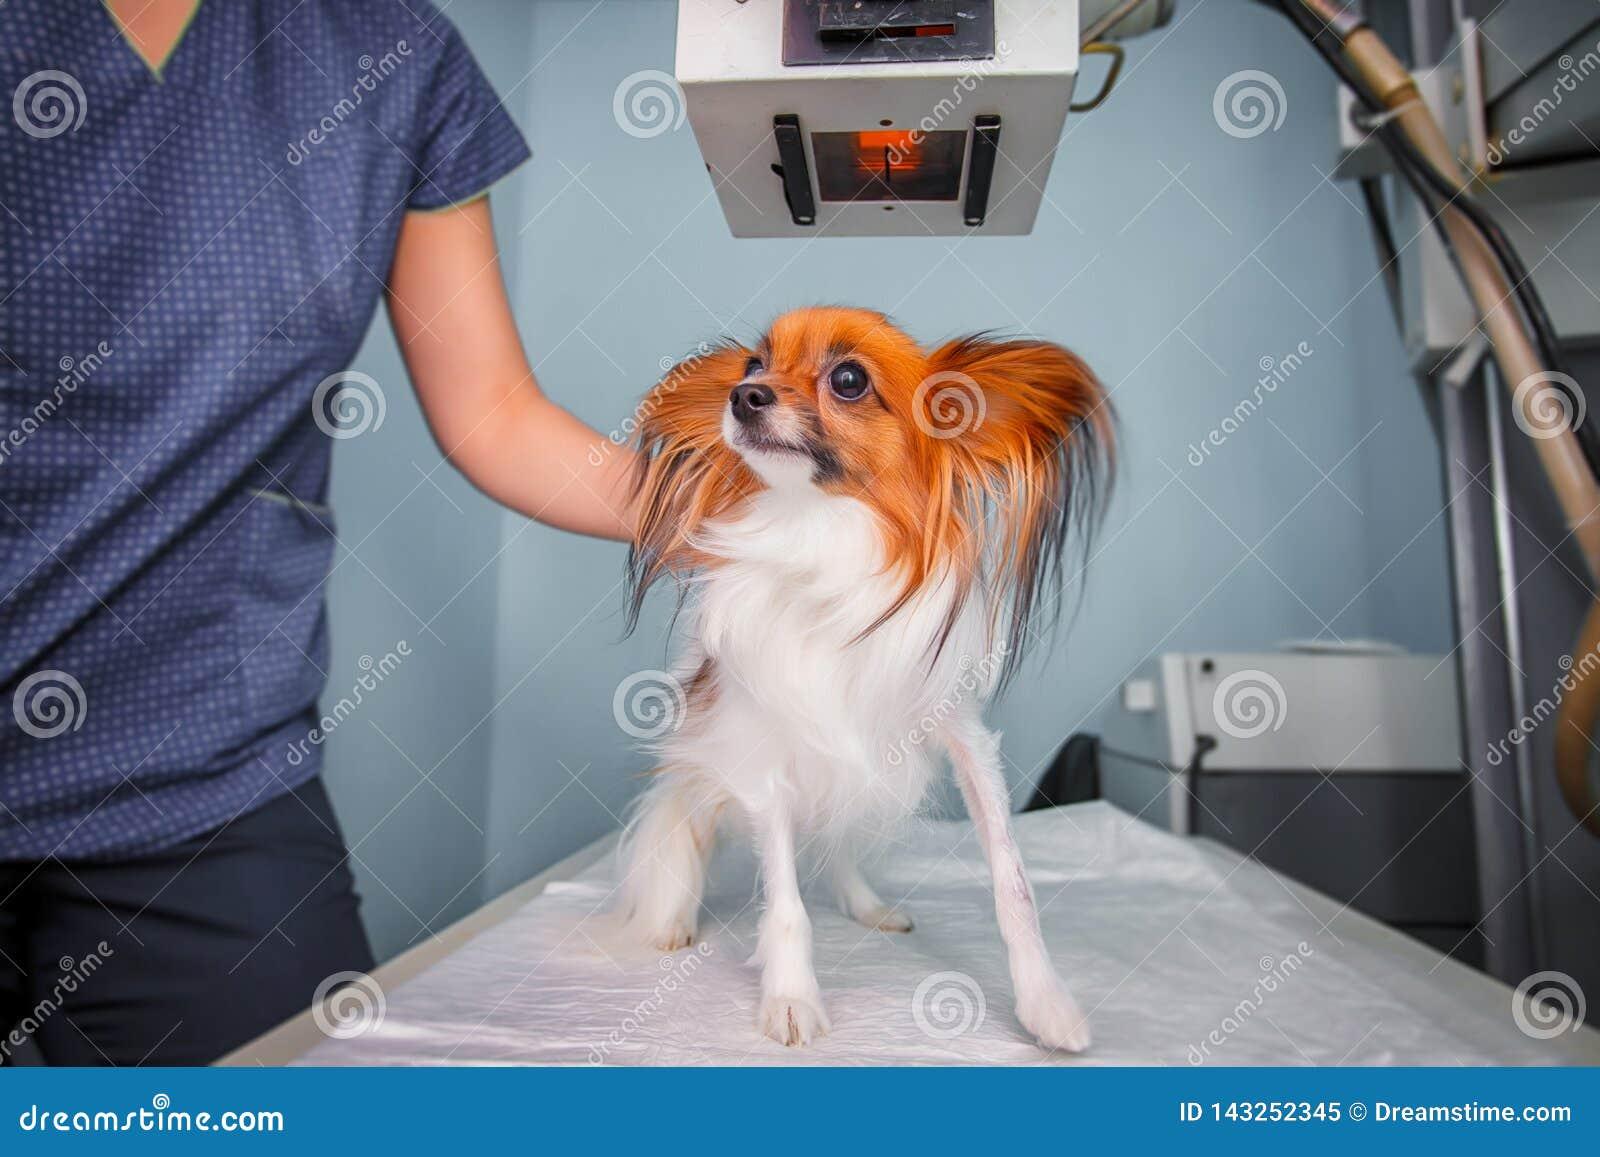 Untersuchungshund Doktors im Röntgenstrahlraum